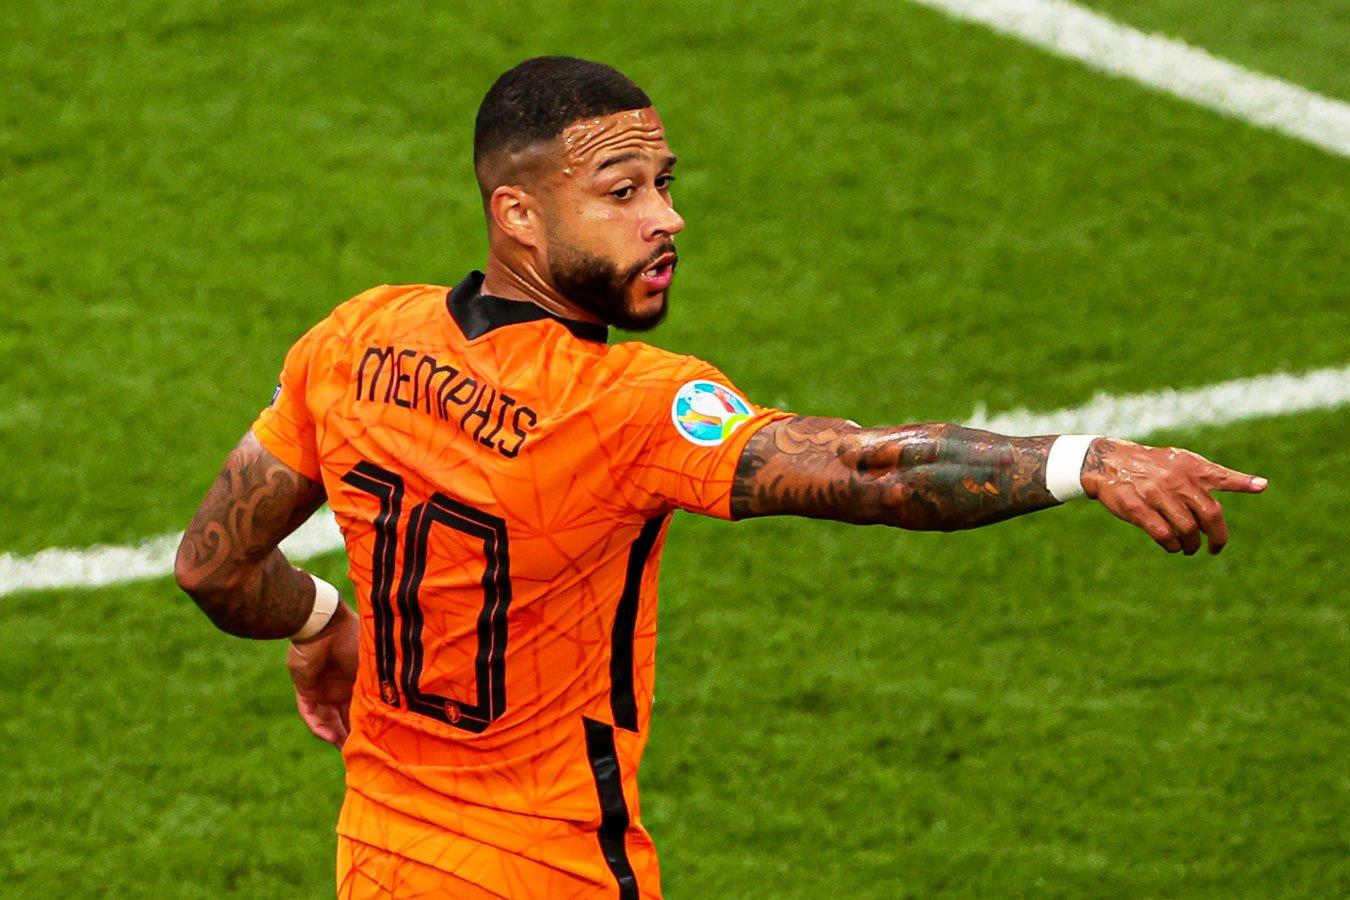 Нидерланды — Чехия: прямой эфир матча 1/8 финала Евро на Первом канале начнётся в 19:00